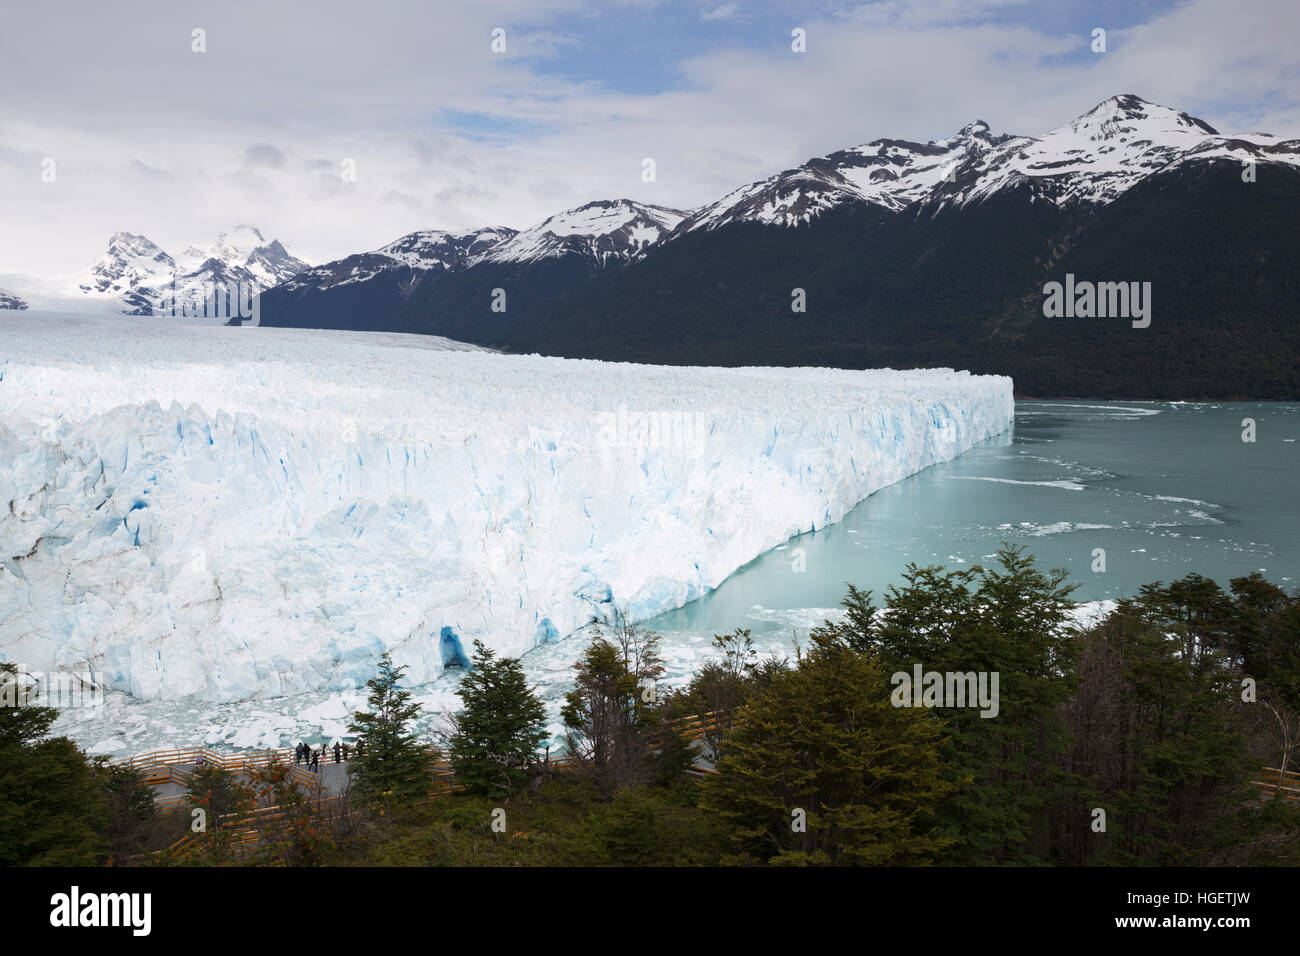 Glaciar Perito Moreno en el Lago Argentino, El Calafate, Parque Nacional Los Glaciares, Patagonia Argentina, Sudamérica Imagen De Stock